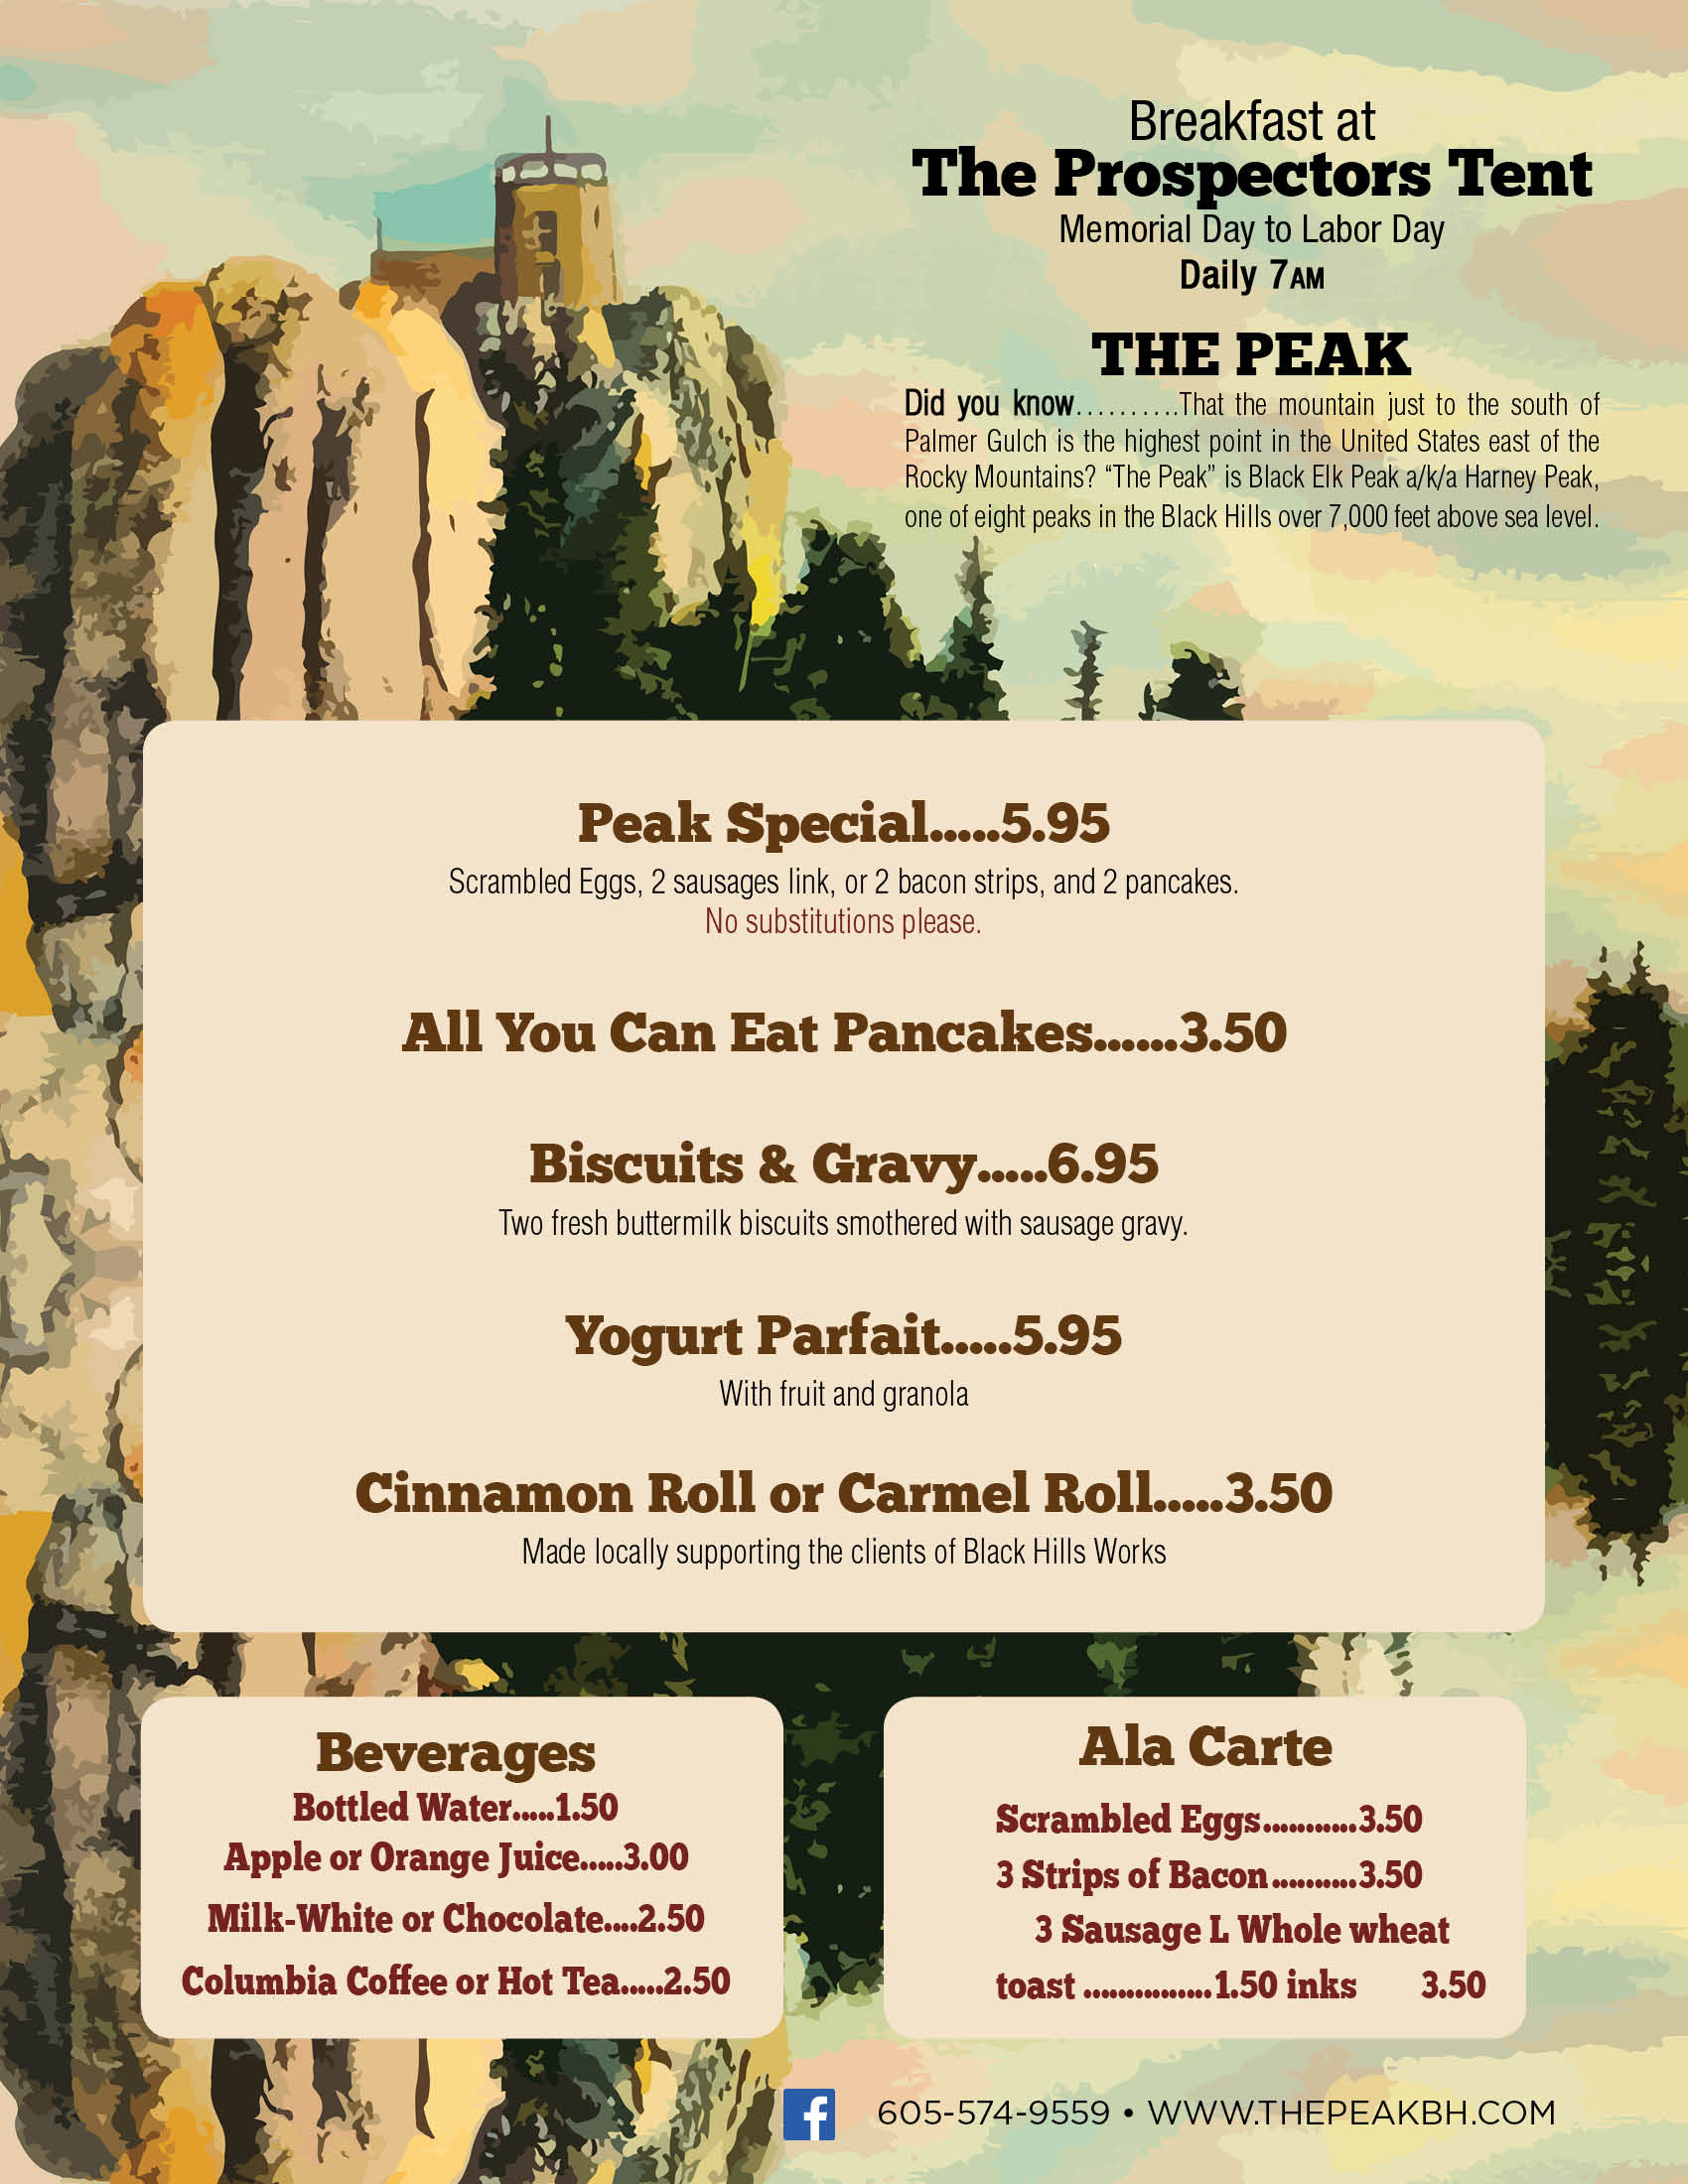 132686 The Peak Breakfast_lunch 8.5x11.jpg